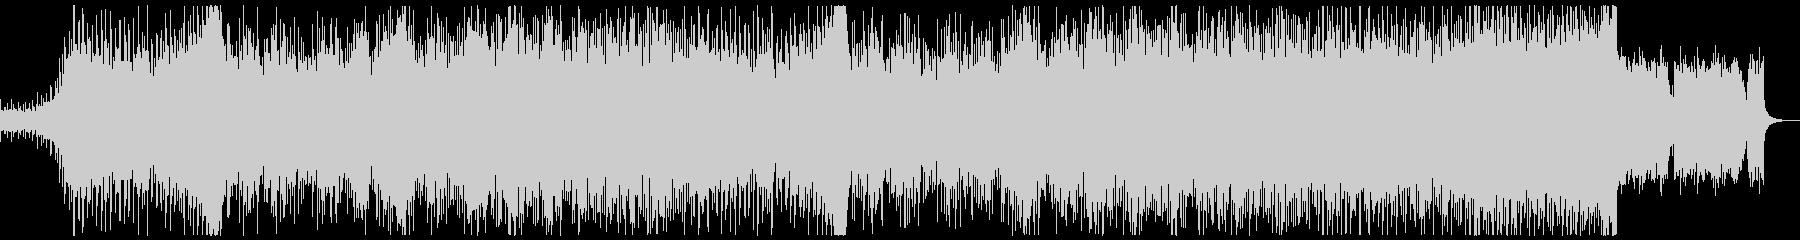 ひまわりをイメージした曲です。の未再生の波形